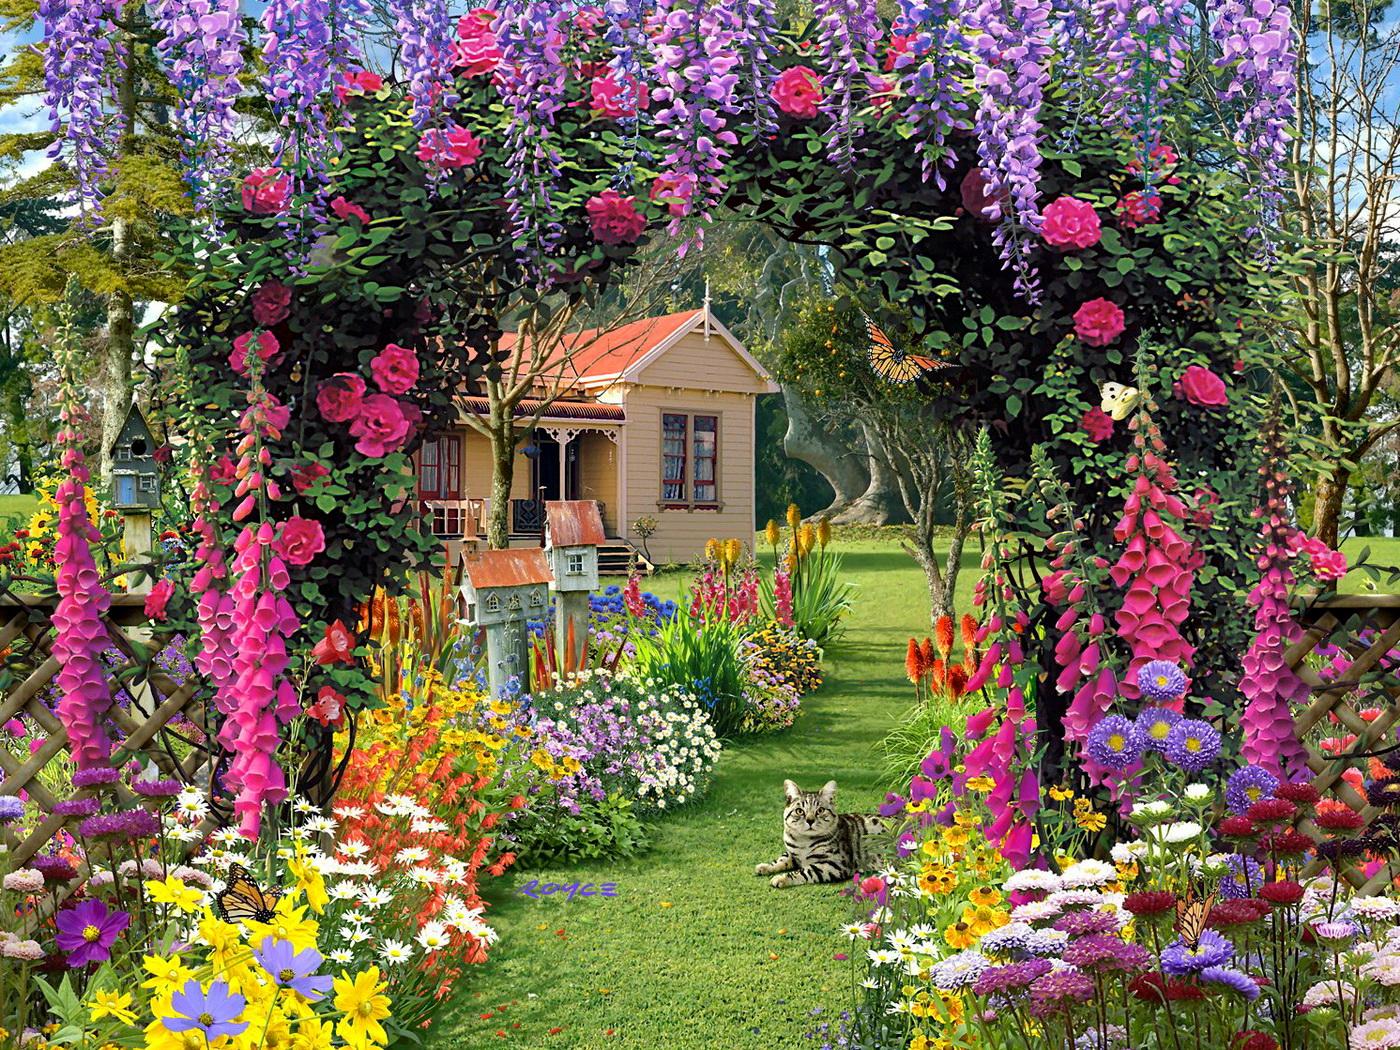 flower garden hd widescreen wallpaper luxurious flower garden hd 1400x1050